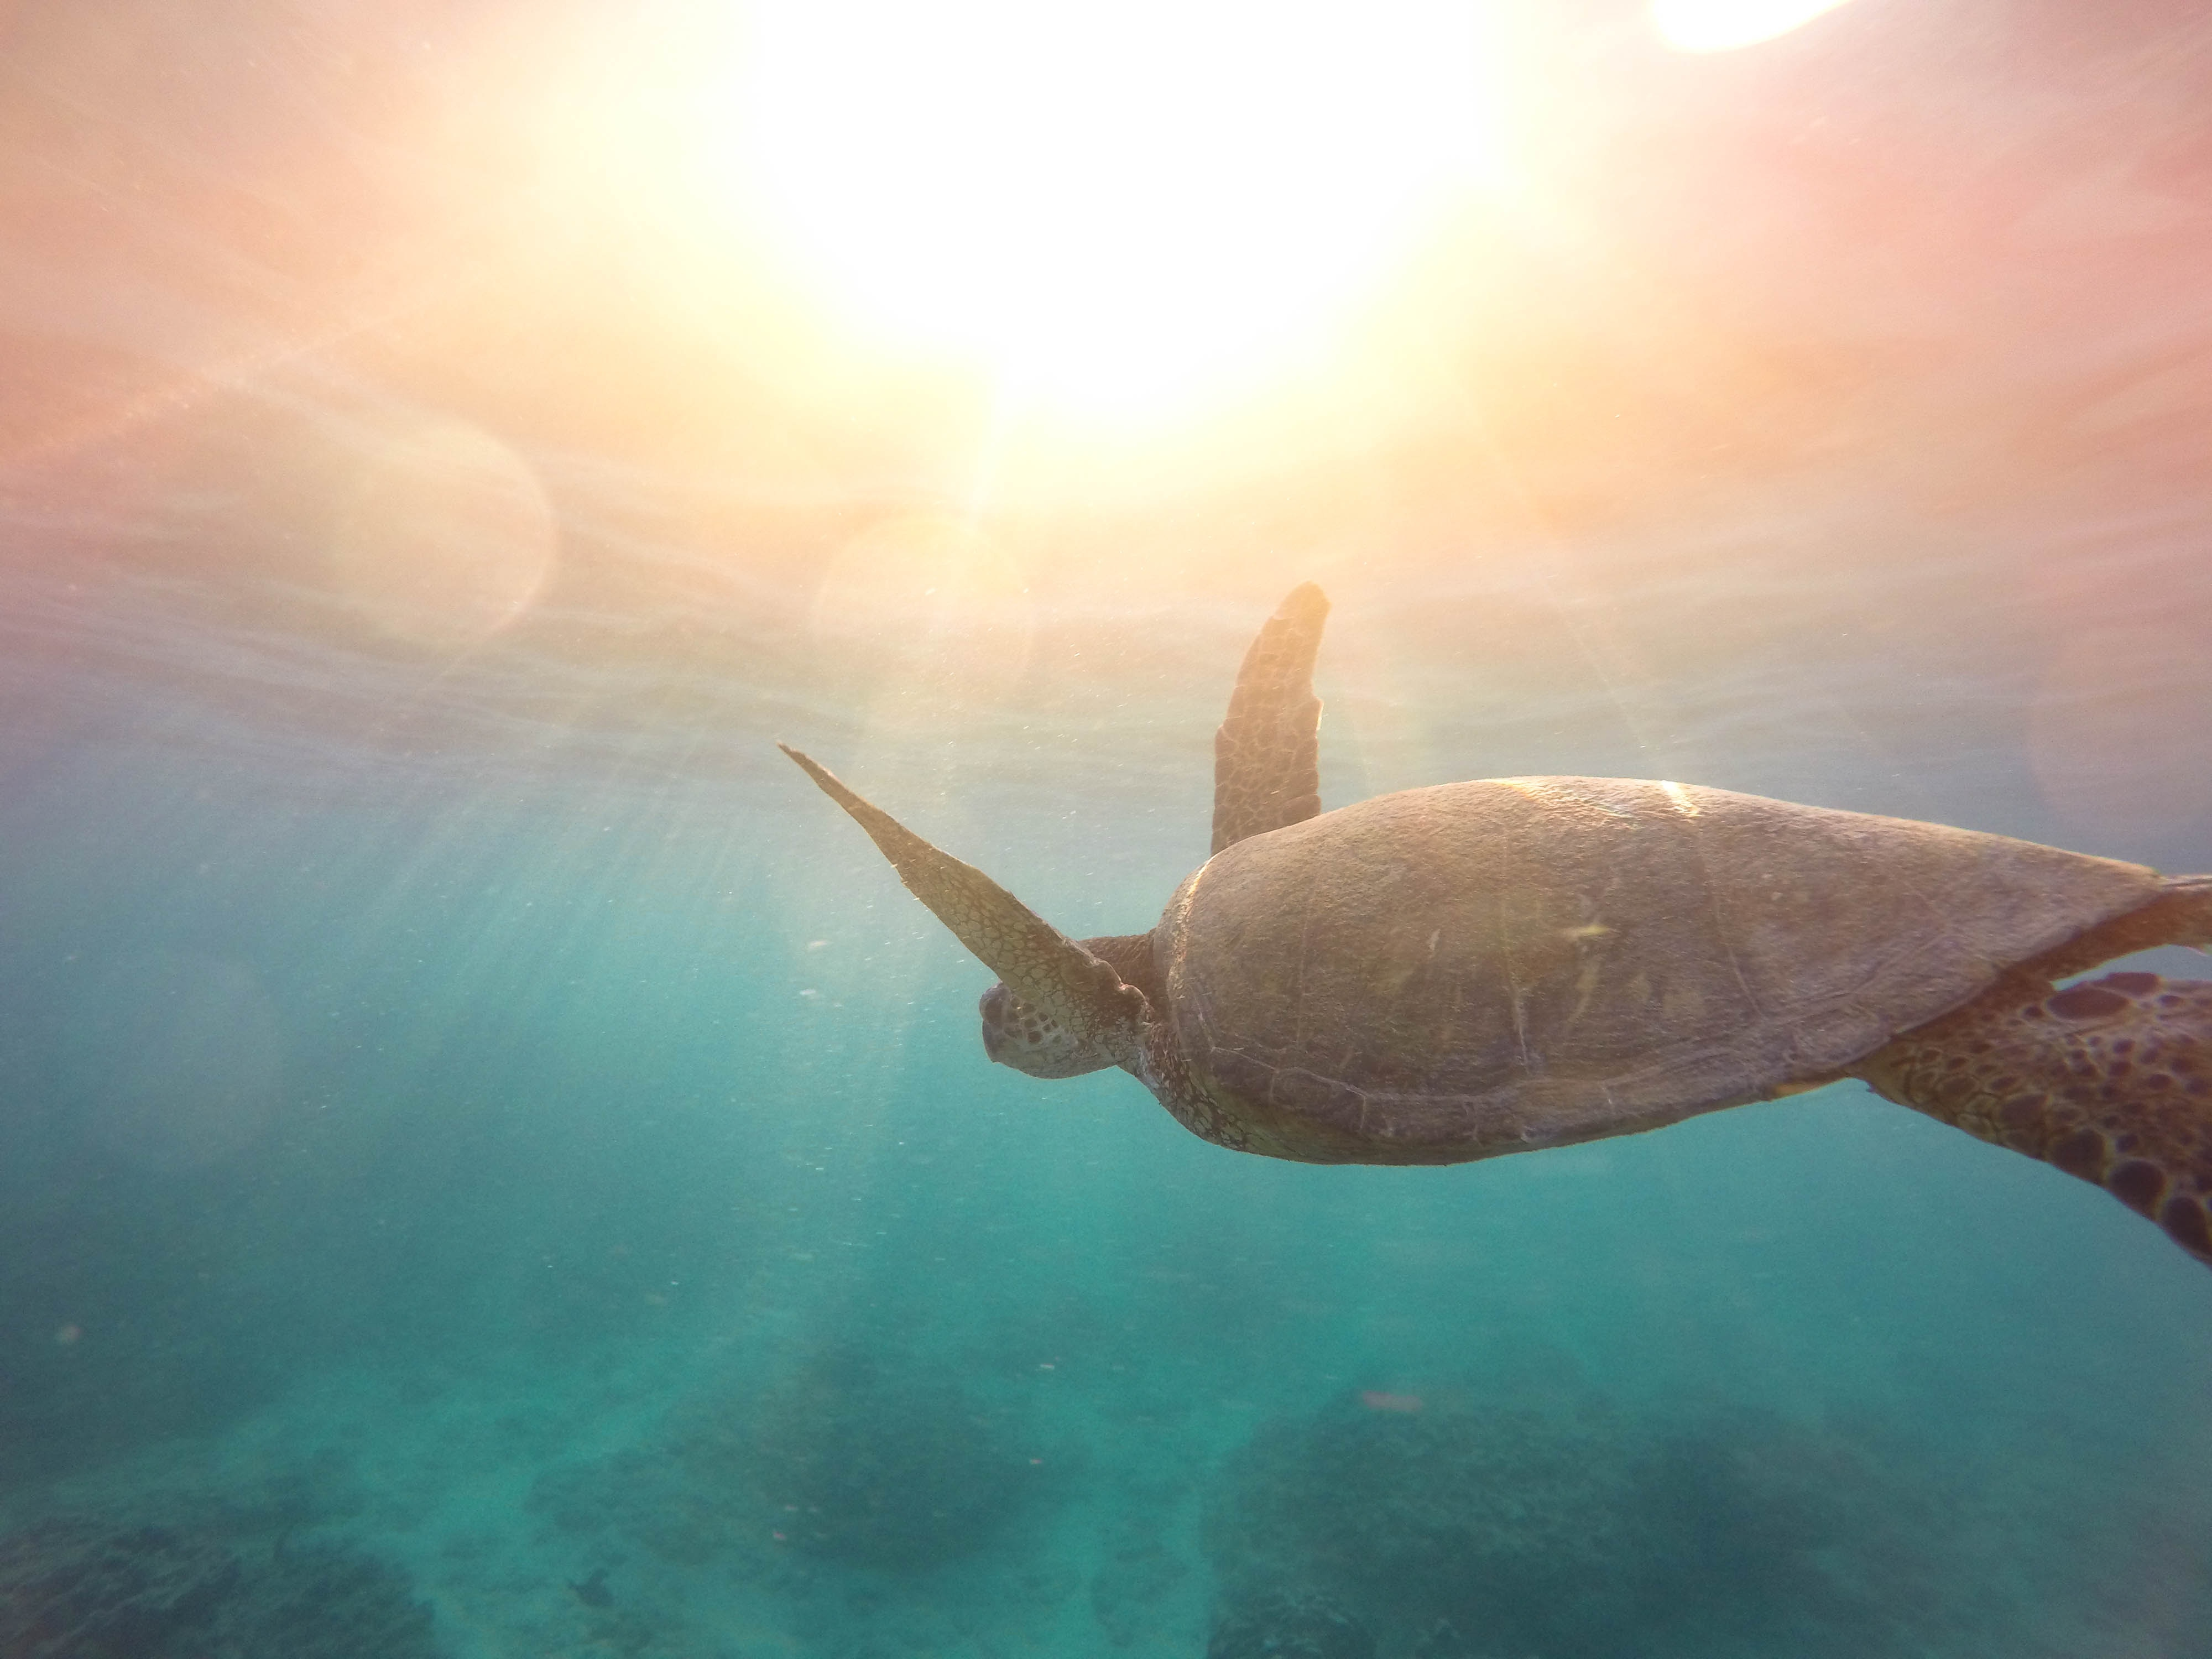 duiken schildpad